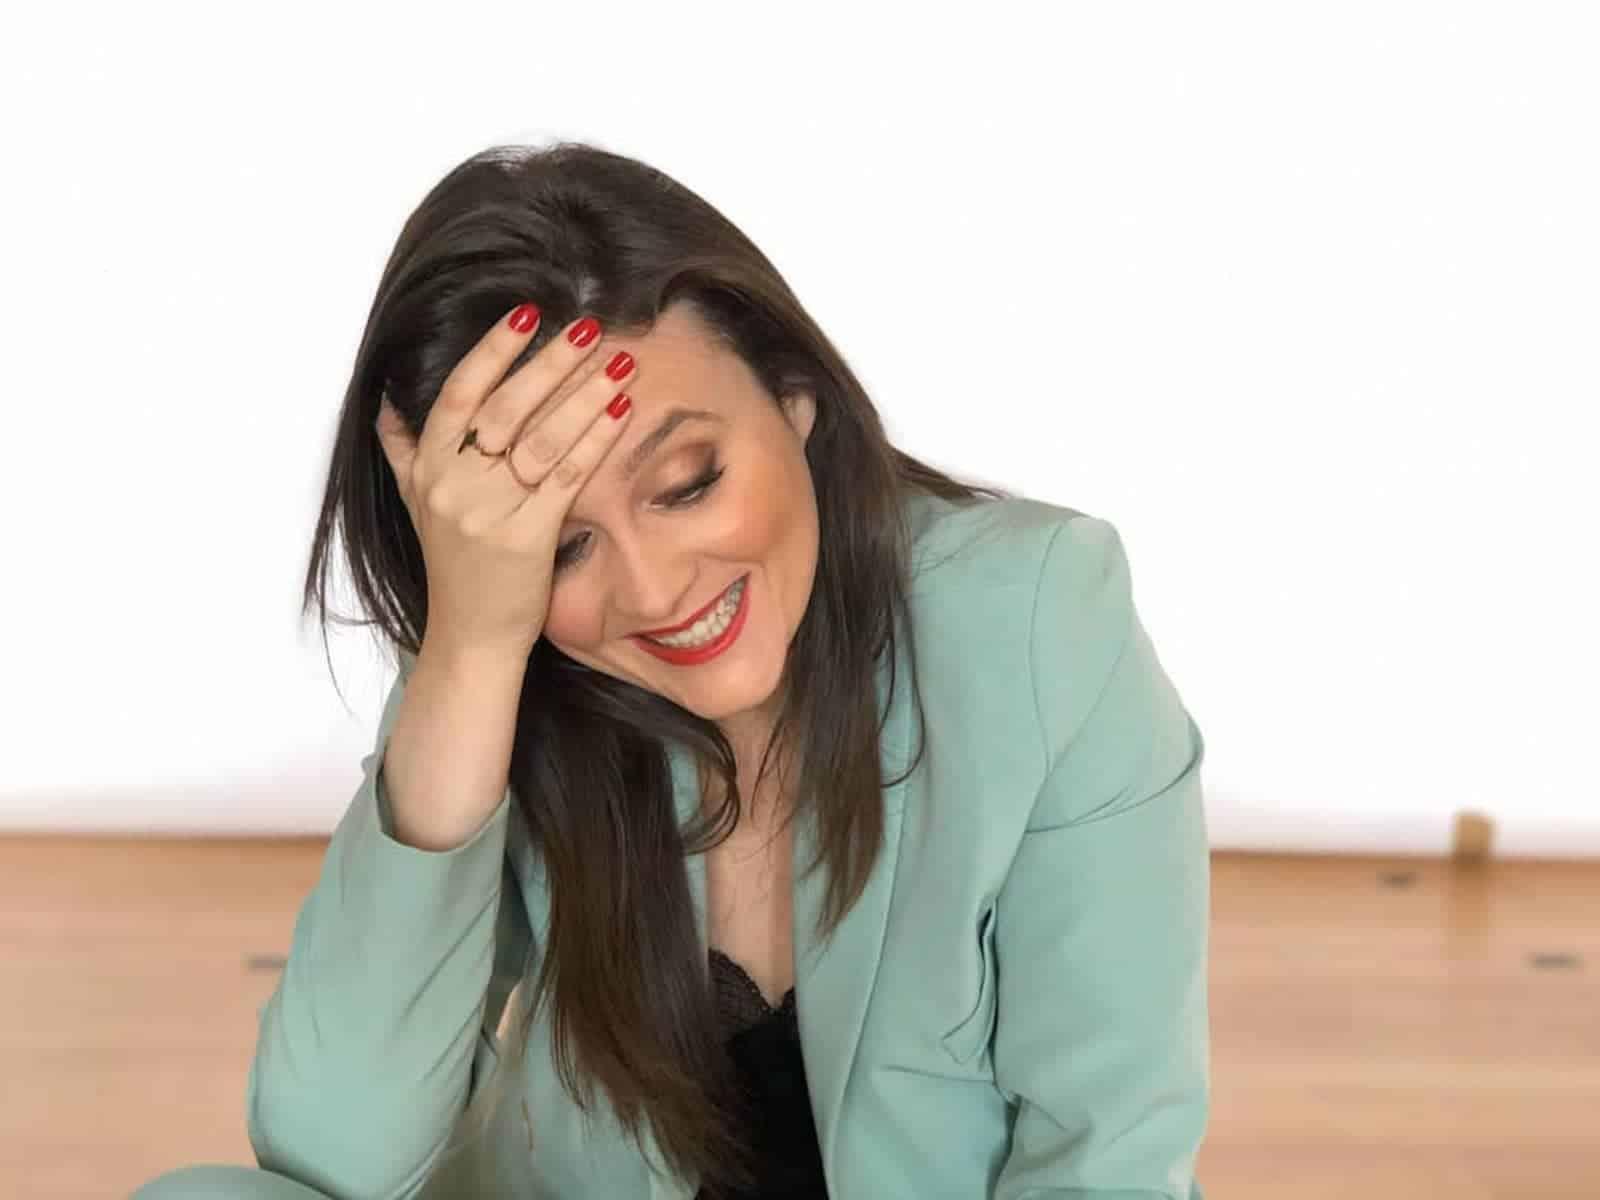 Ana Arrebentinha 1 &Quot;É Uma Vergonha Para As Mulheres&Quot;. Ana Arrebentinha Reage A Crítica De Fã